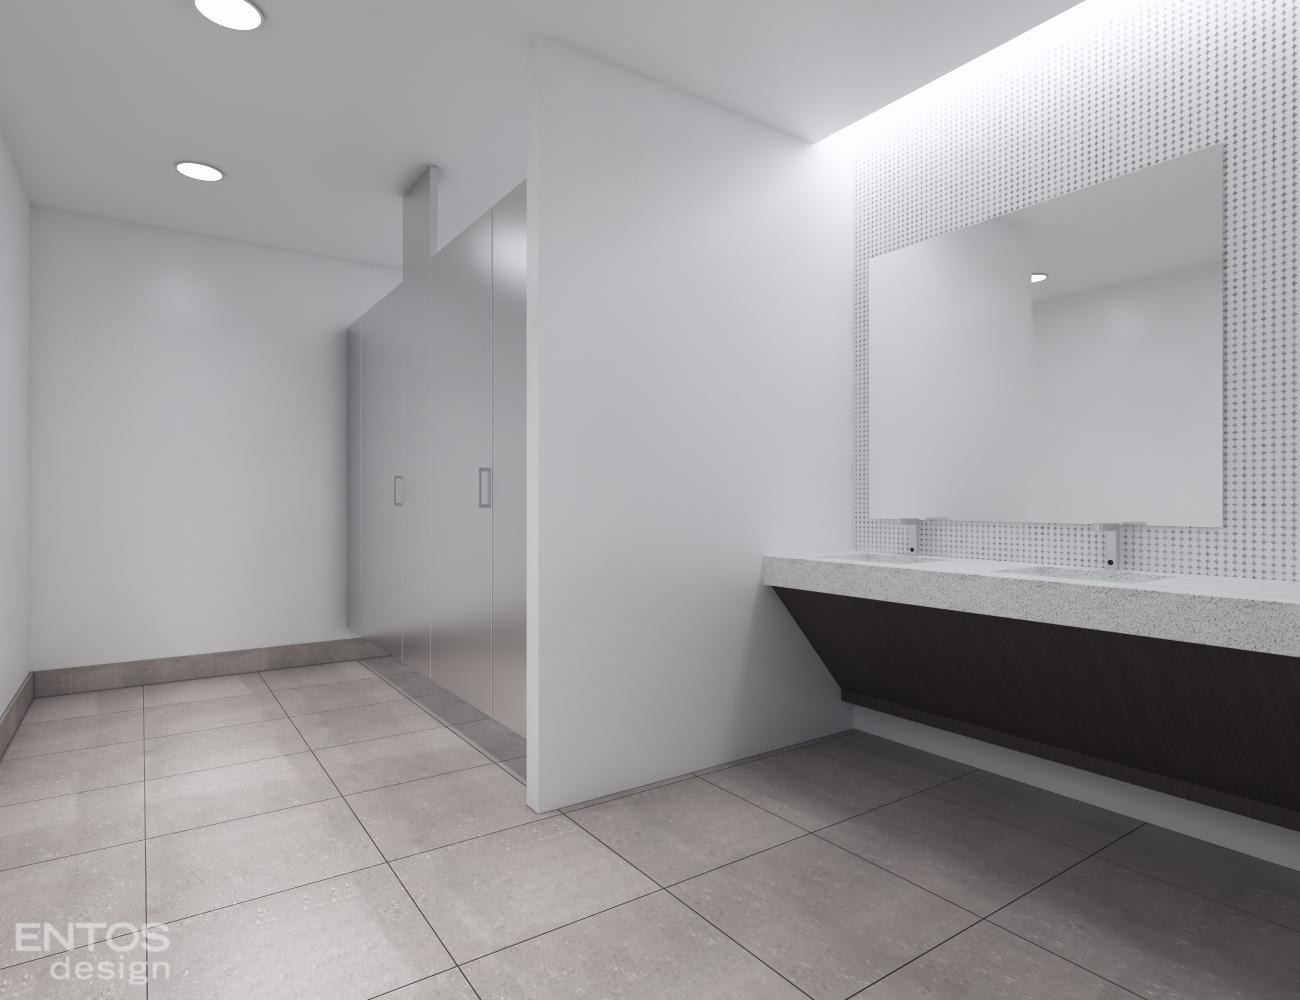 Restroom_2.18.jpg